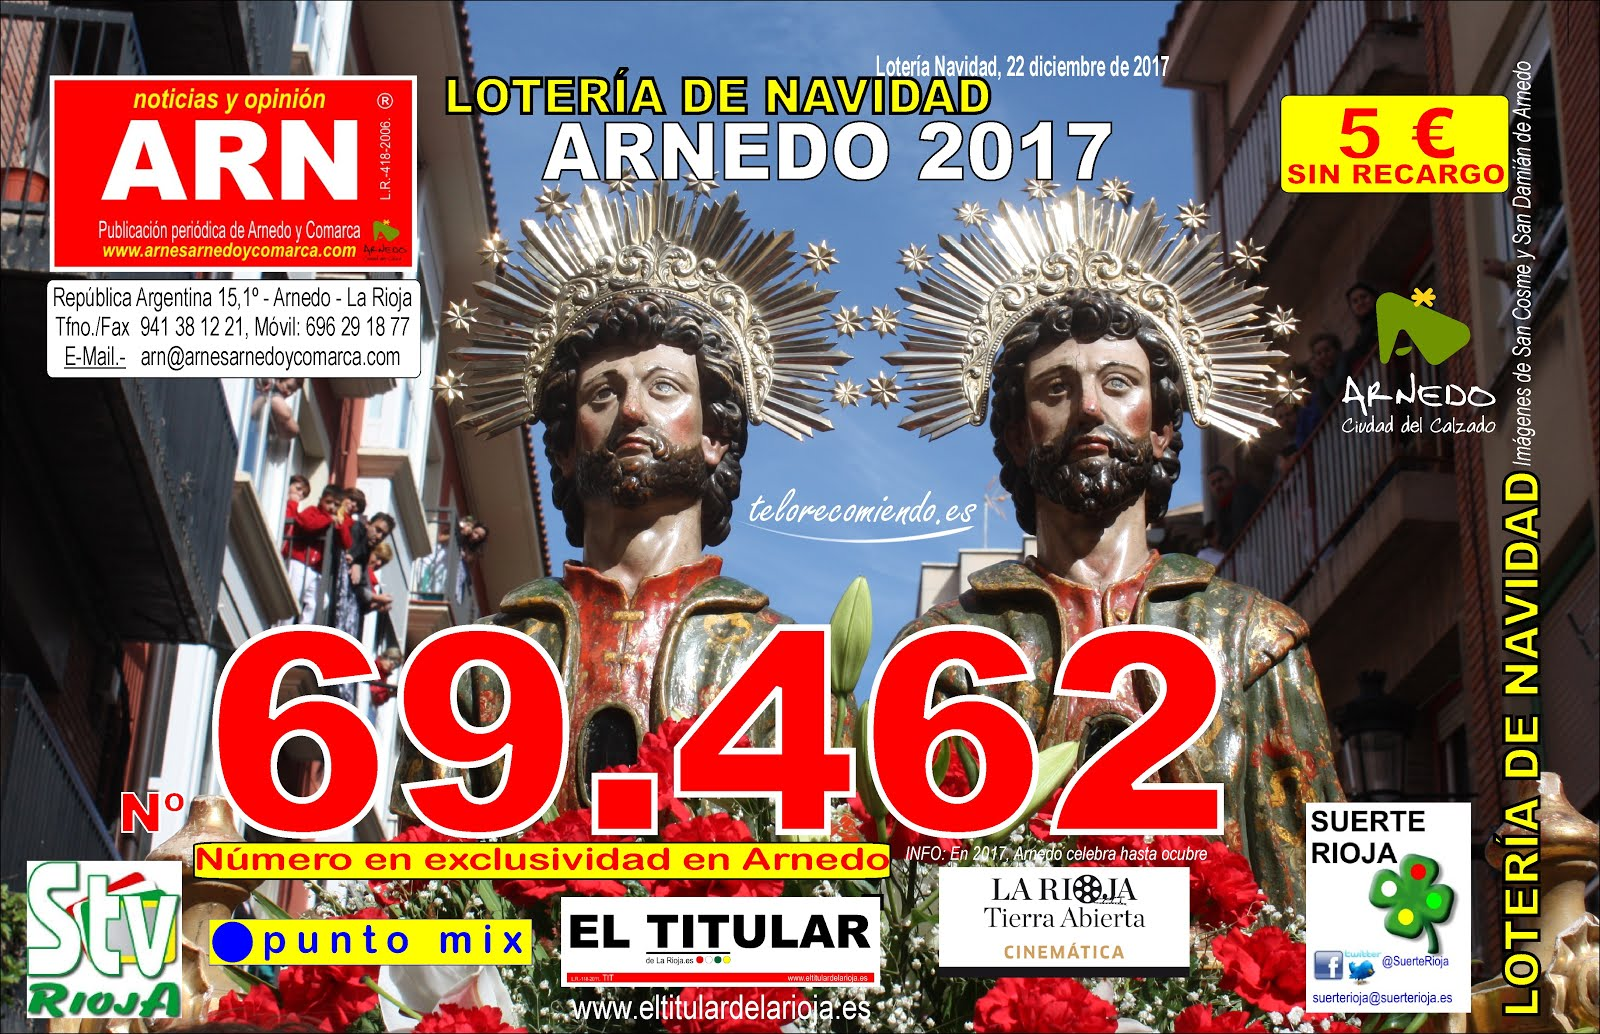 69462. Lotería de Navidad